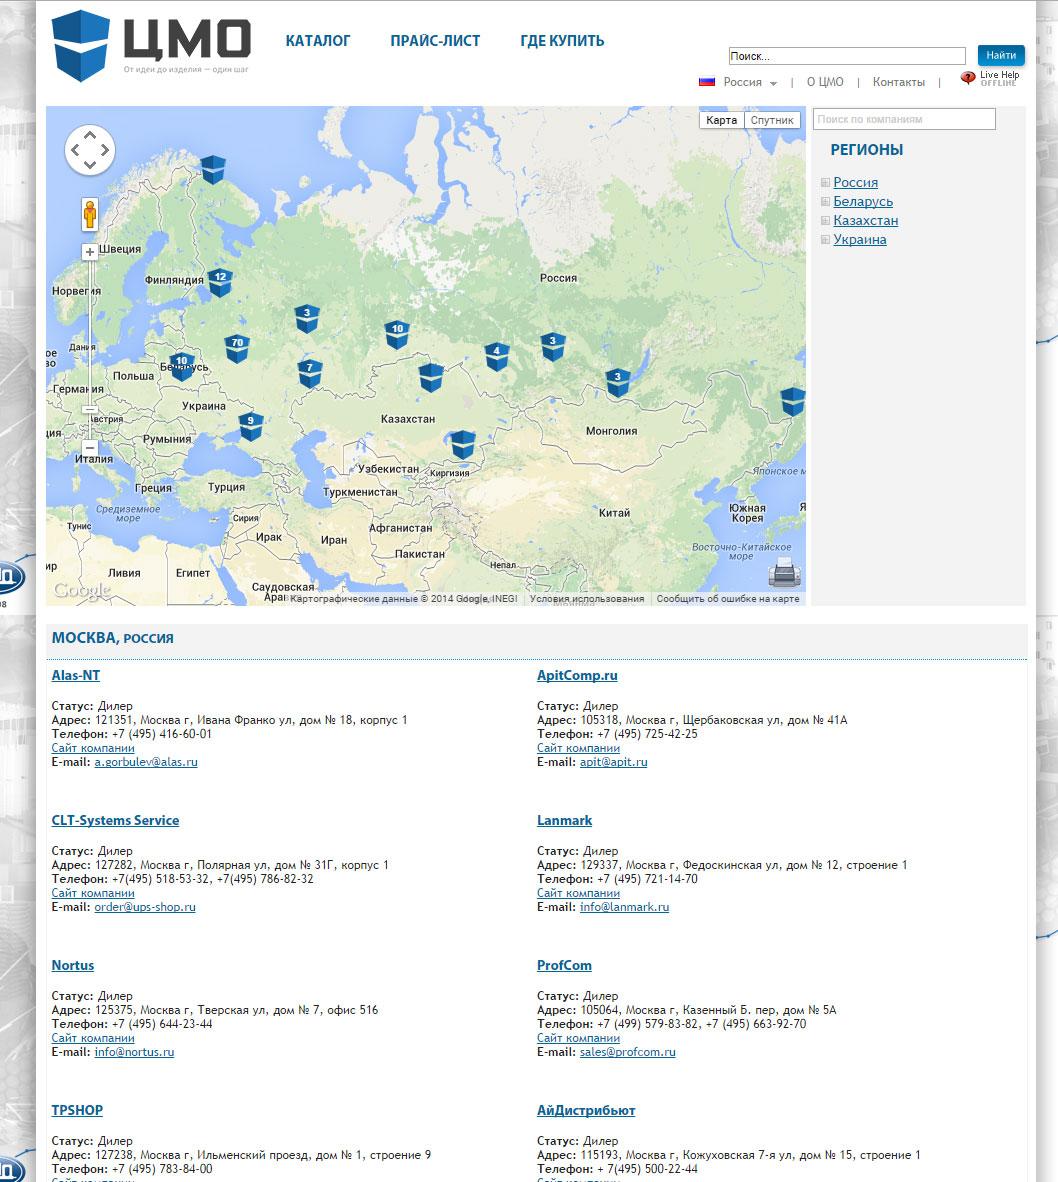 cmo.ru - Создание интерактивной Google карты со списком Дилеров